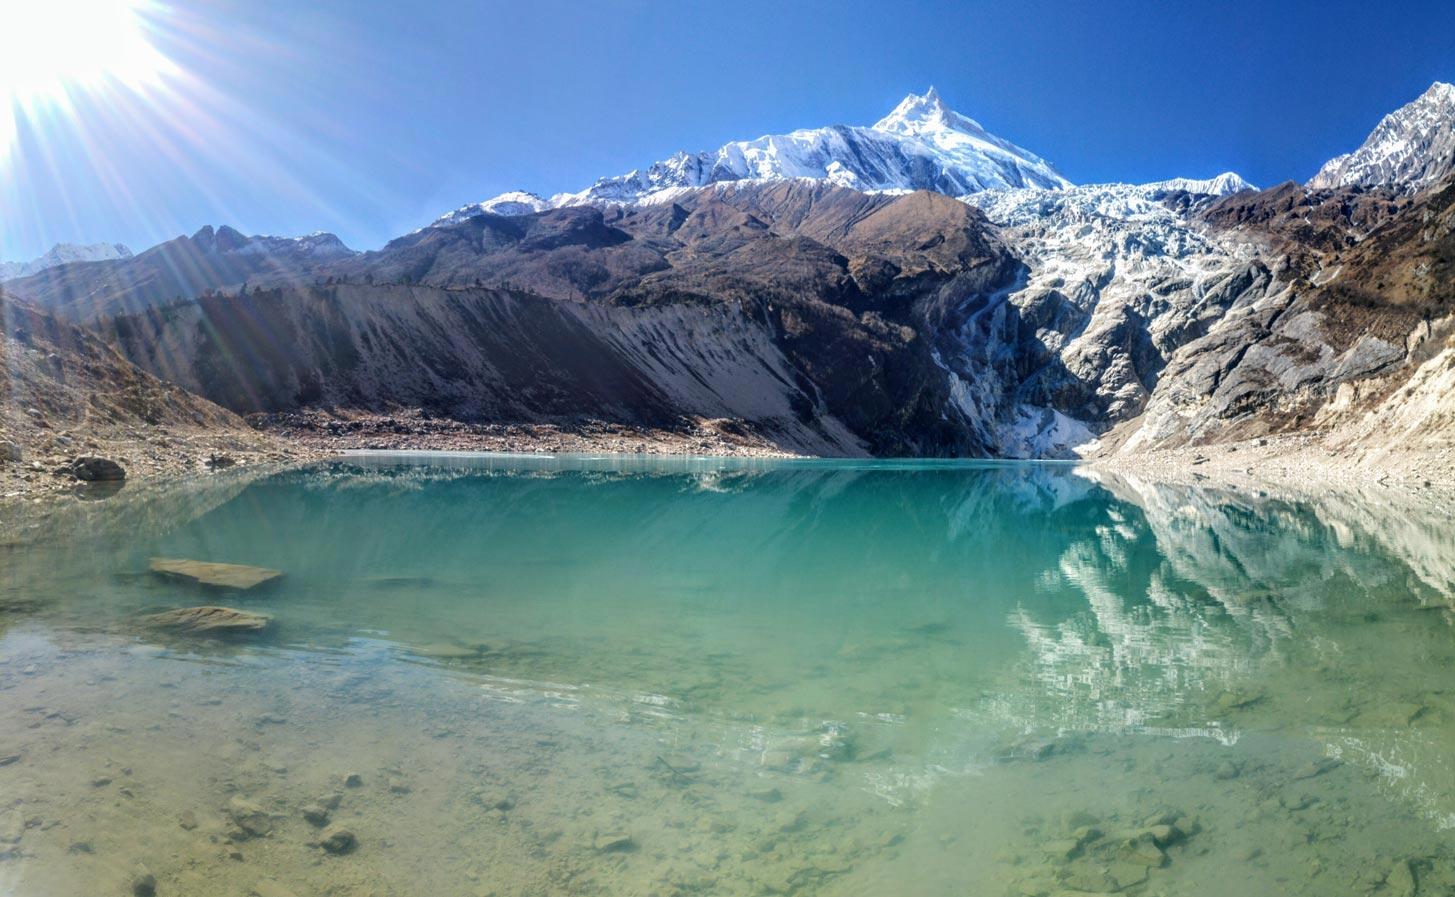 נפאל. טרק עצמאי. ספטמבר-נובמבר